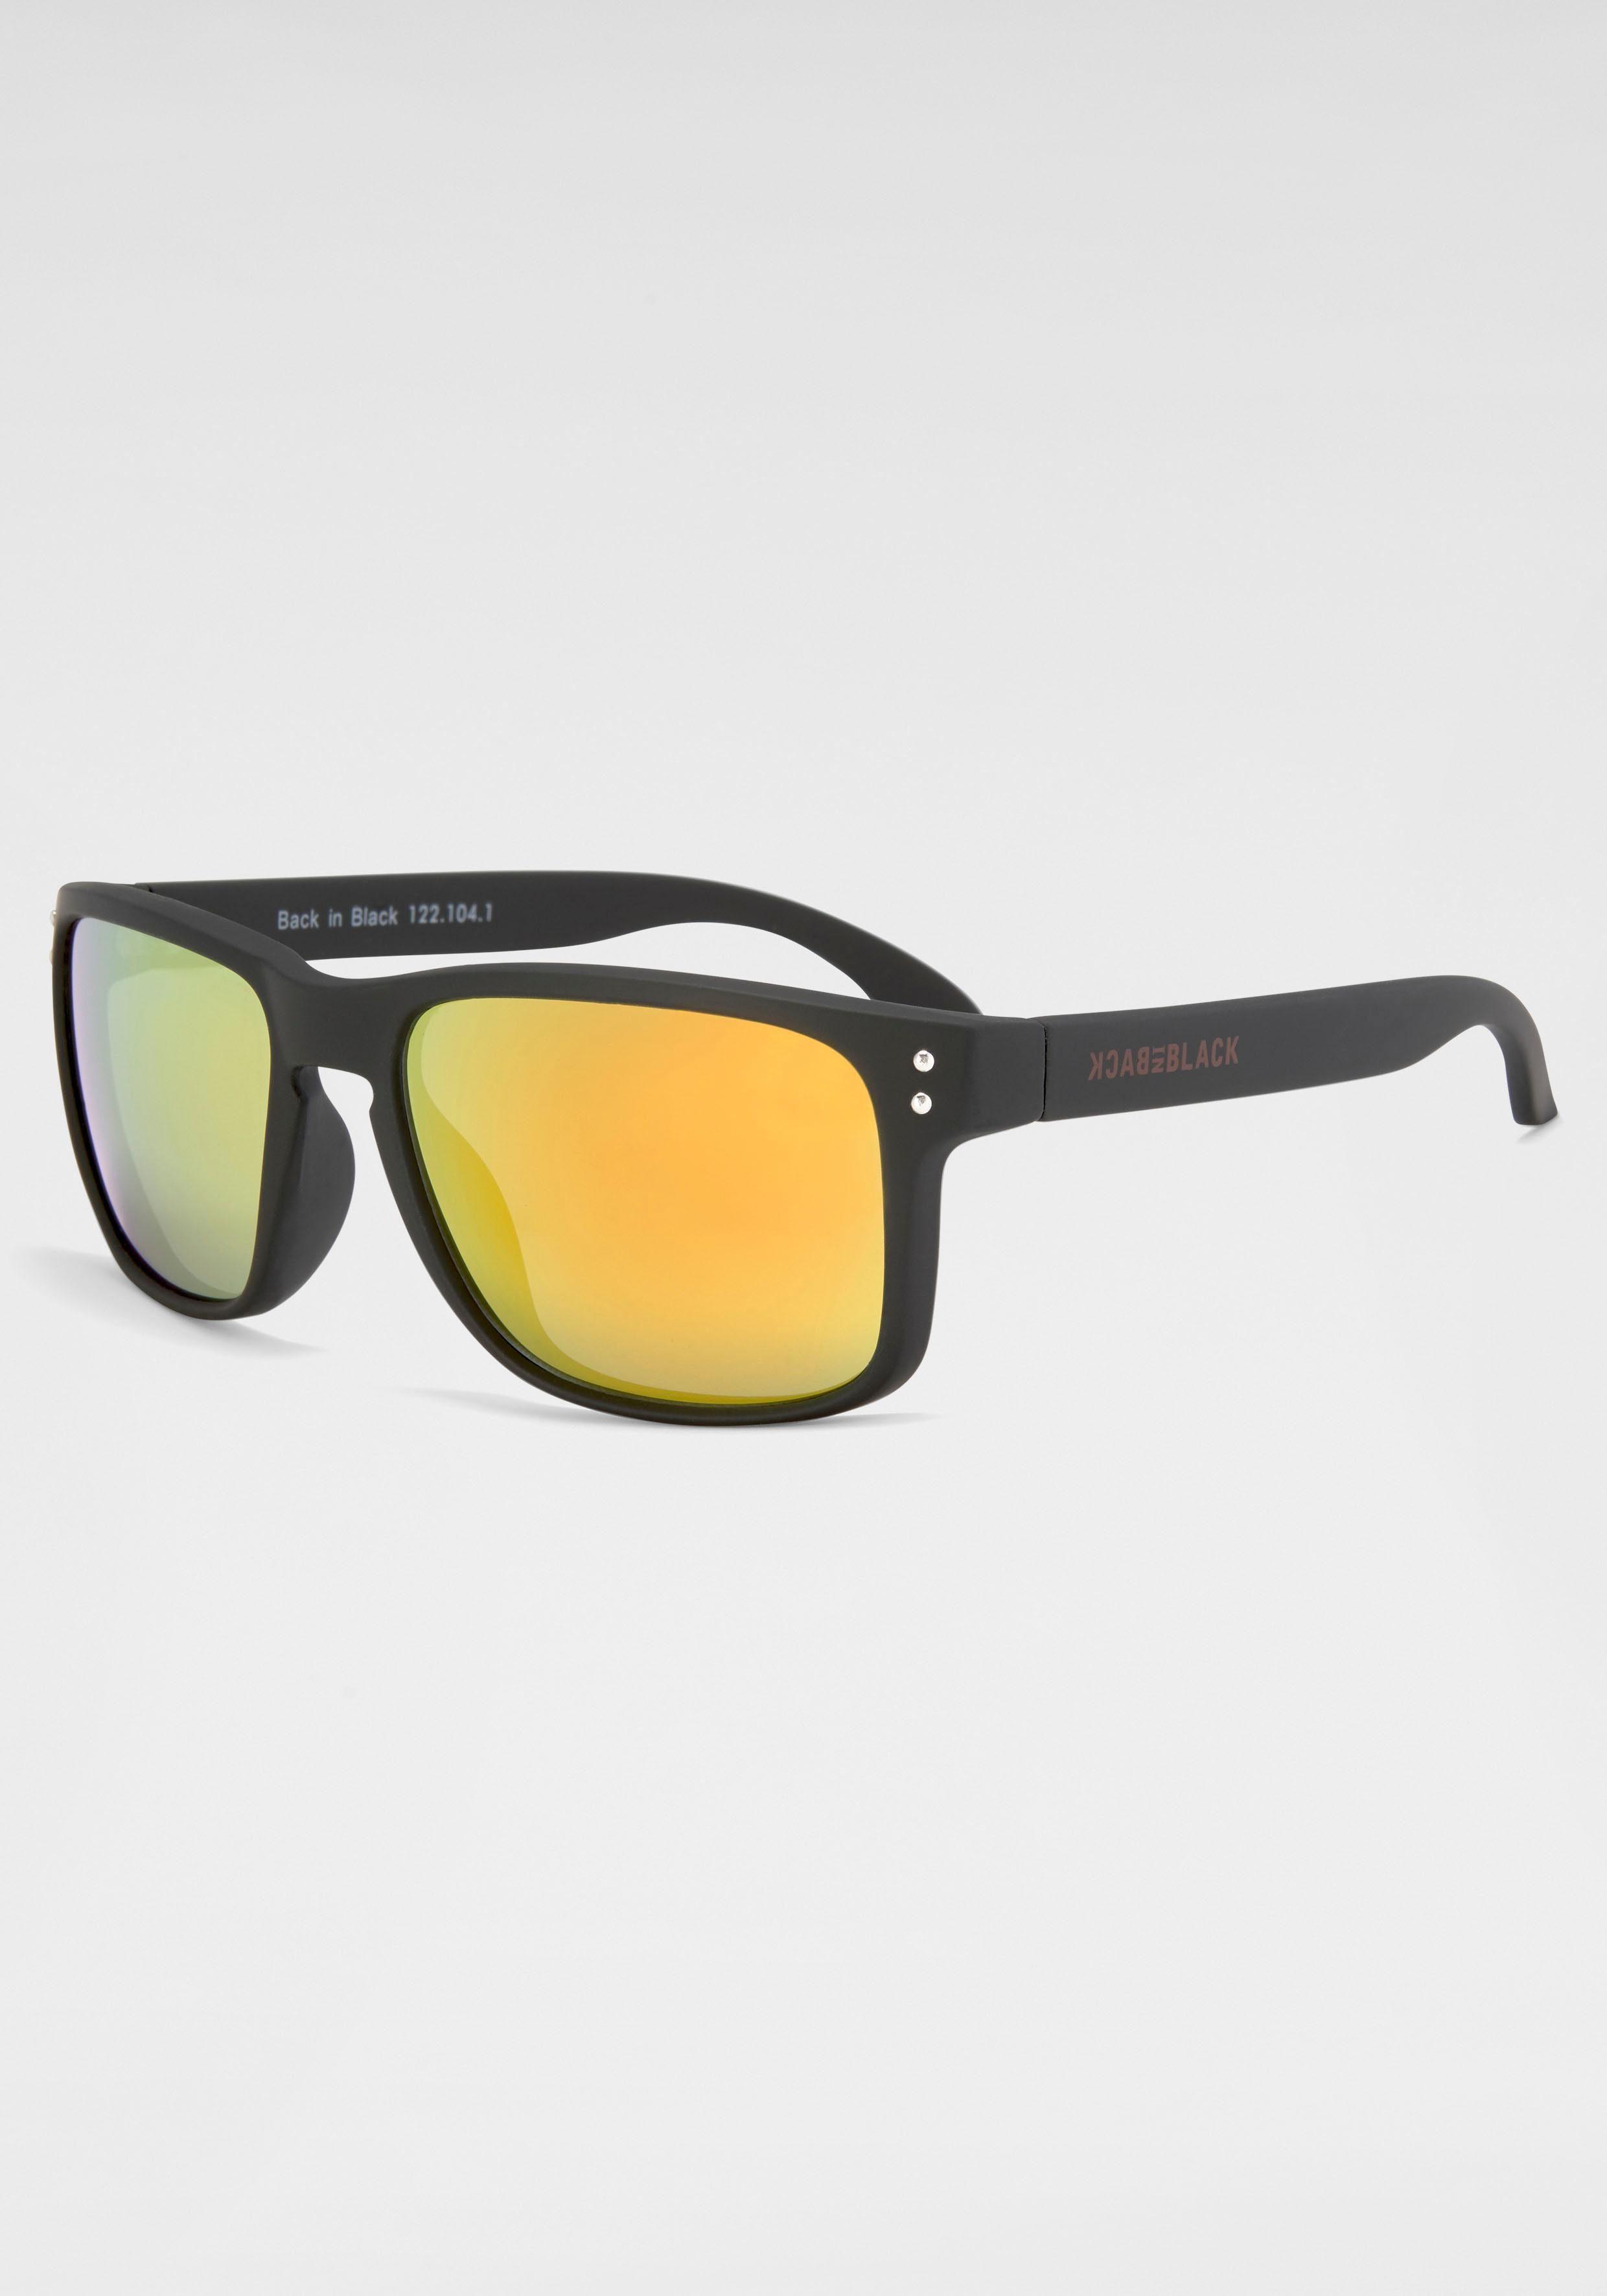 BACK IN BLACK Eyewear Sonnenbrille mit verspiegelten Gläsern online kaufen | OTTO